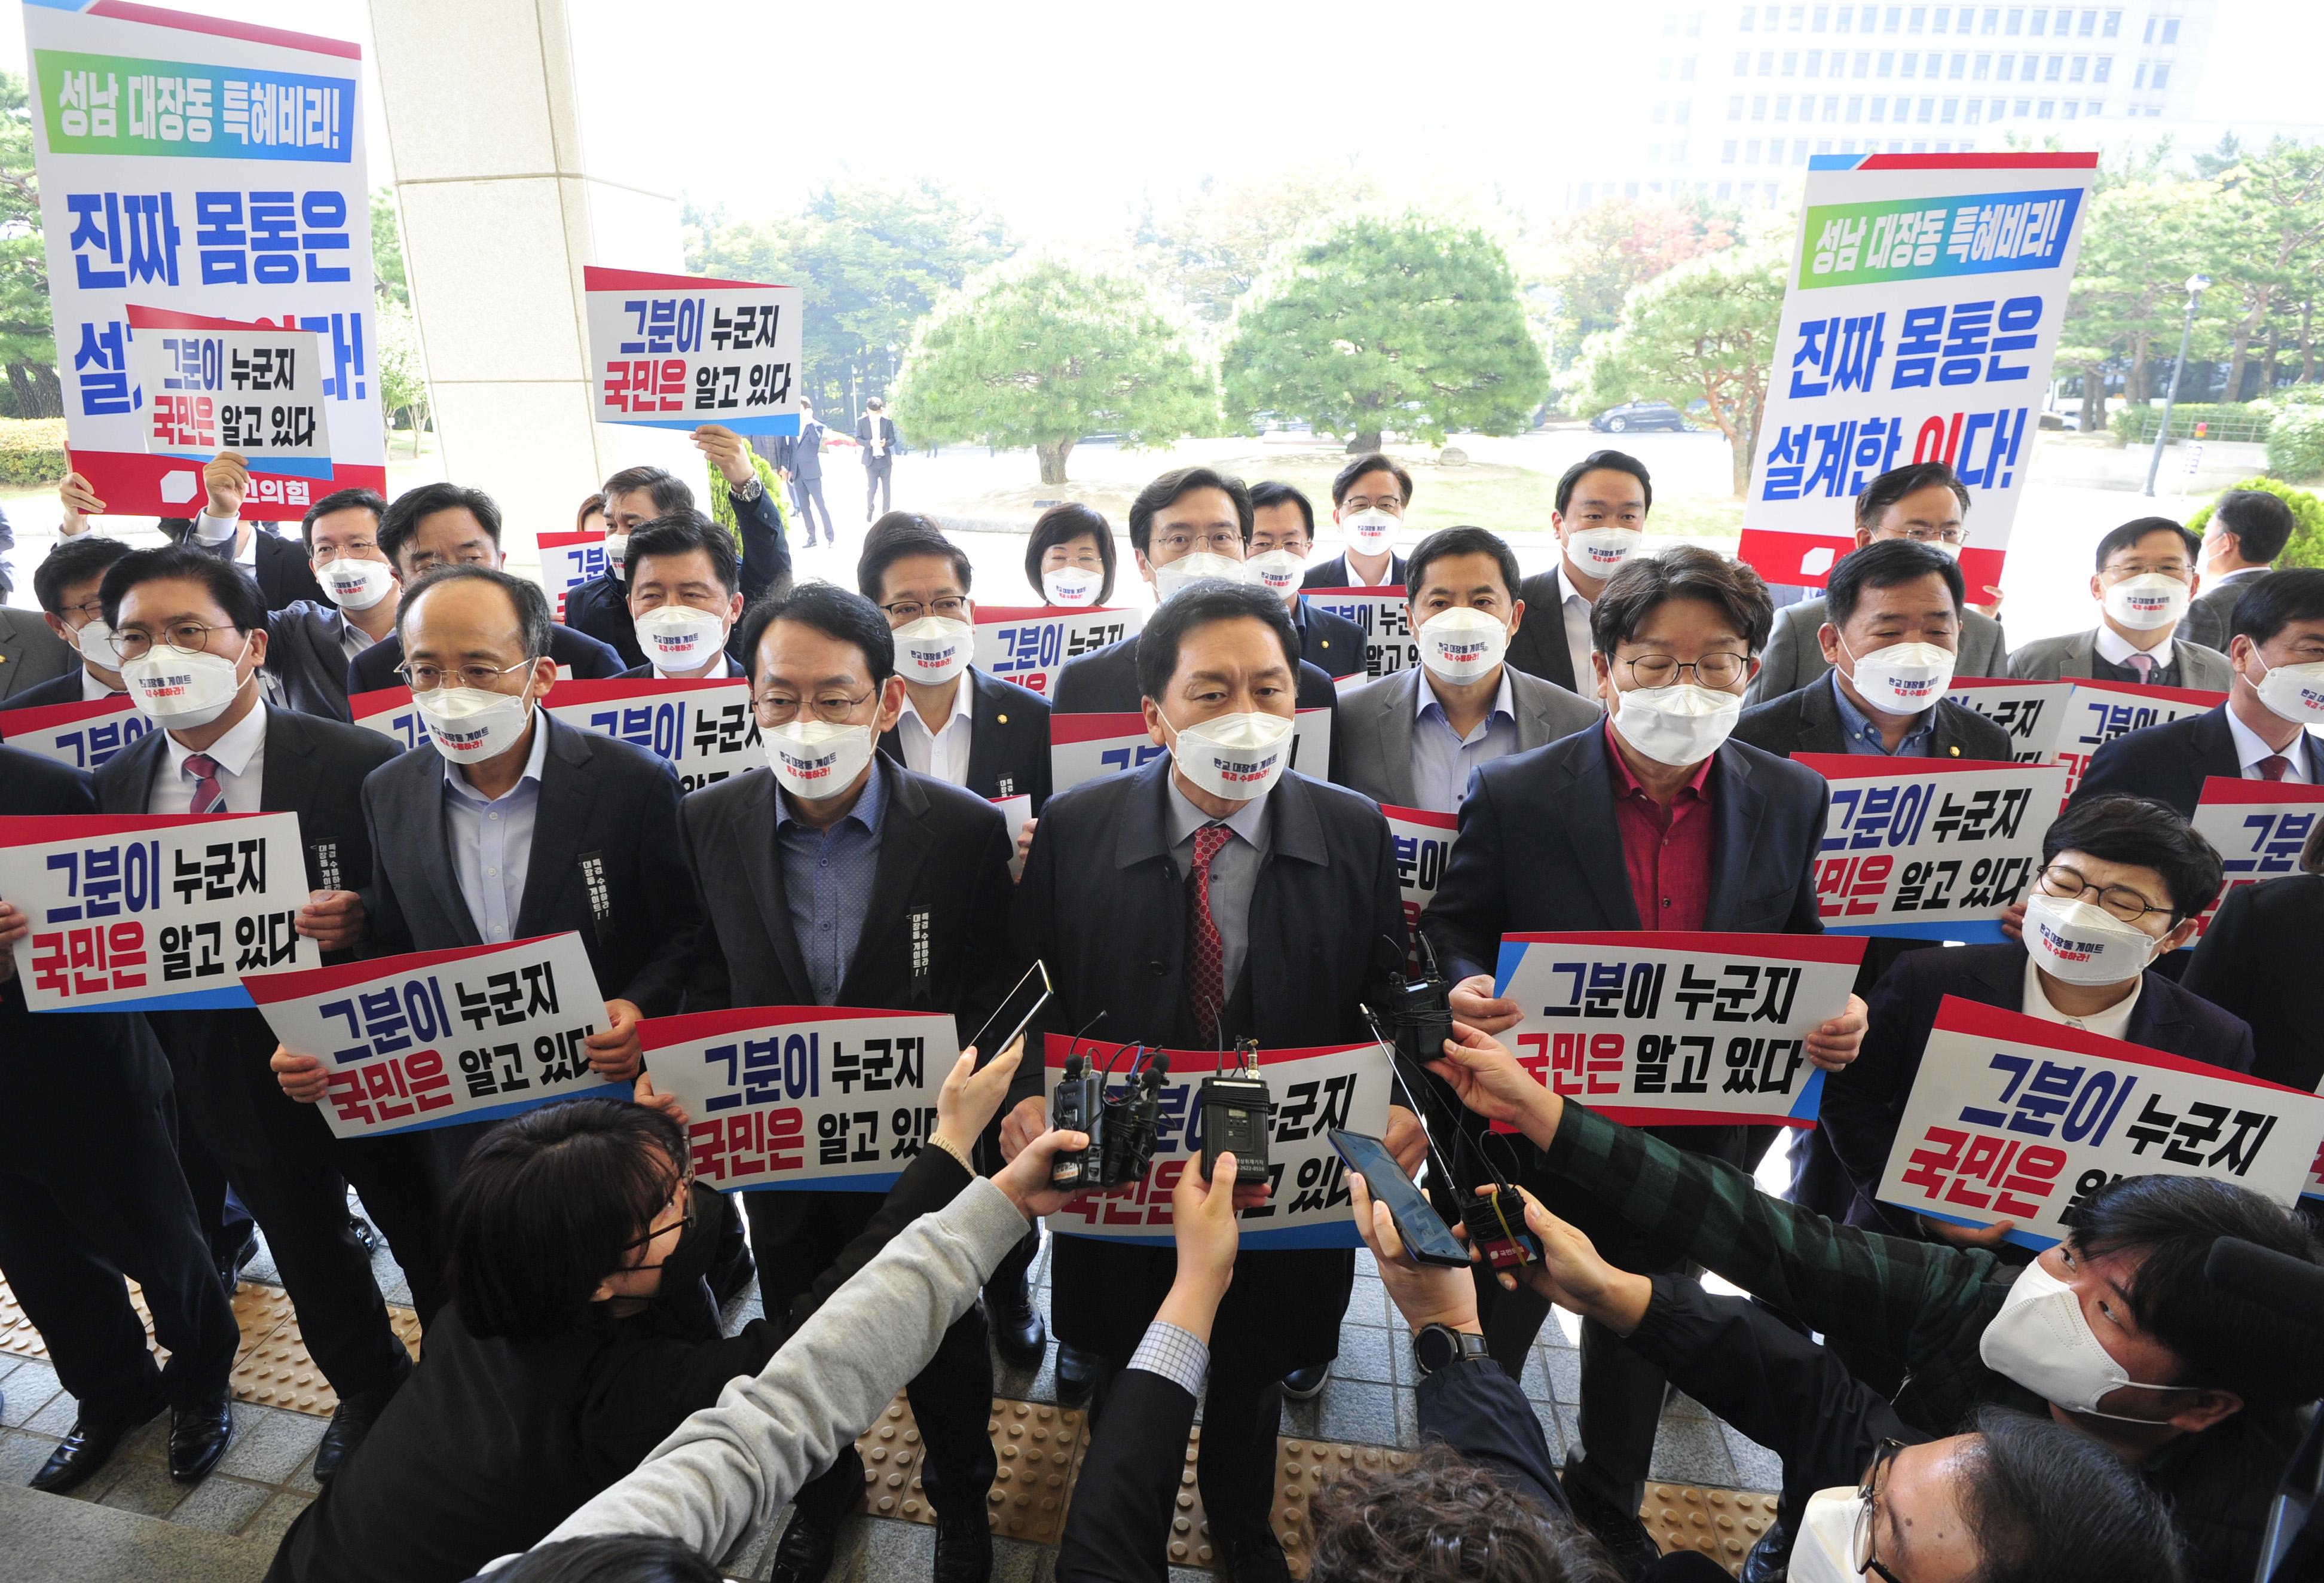 국민의힘, '대장동 게이트' 엄정수사 촉구 대검찰청 항의 방문